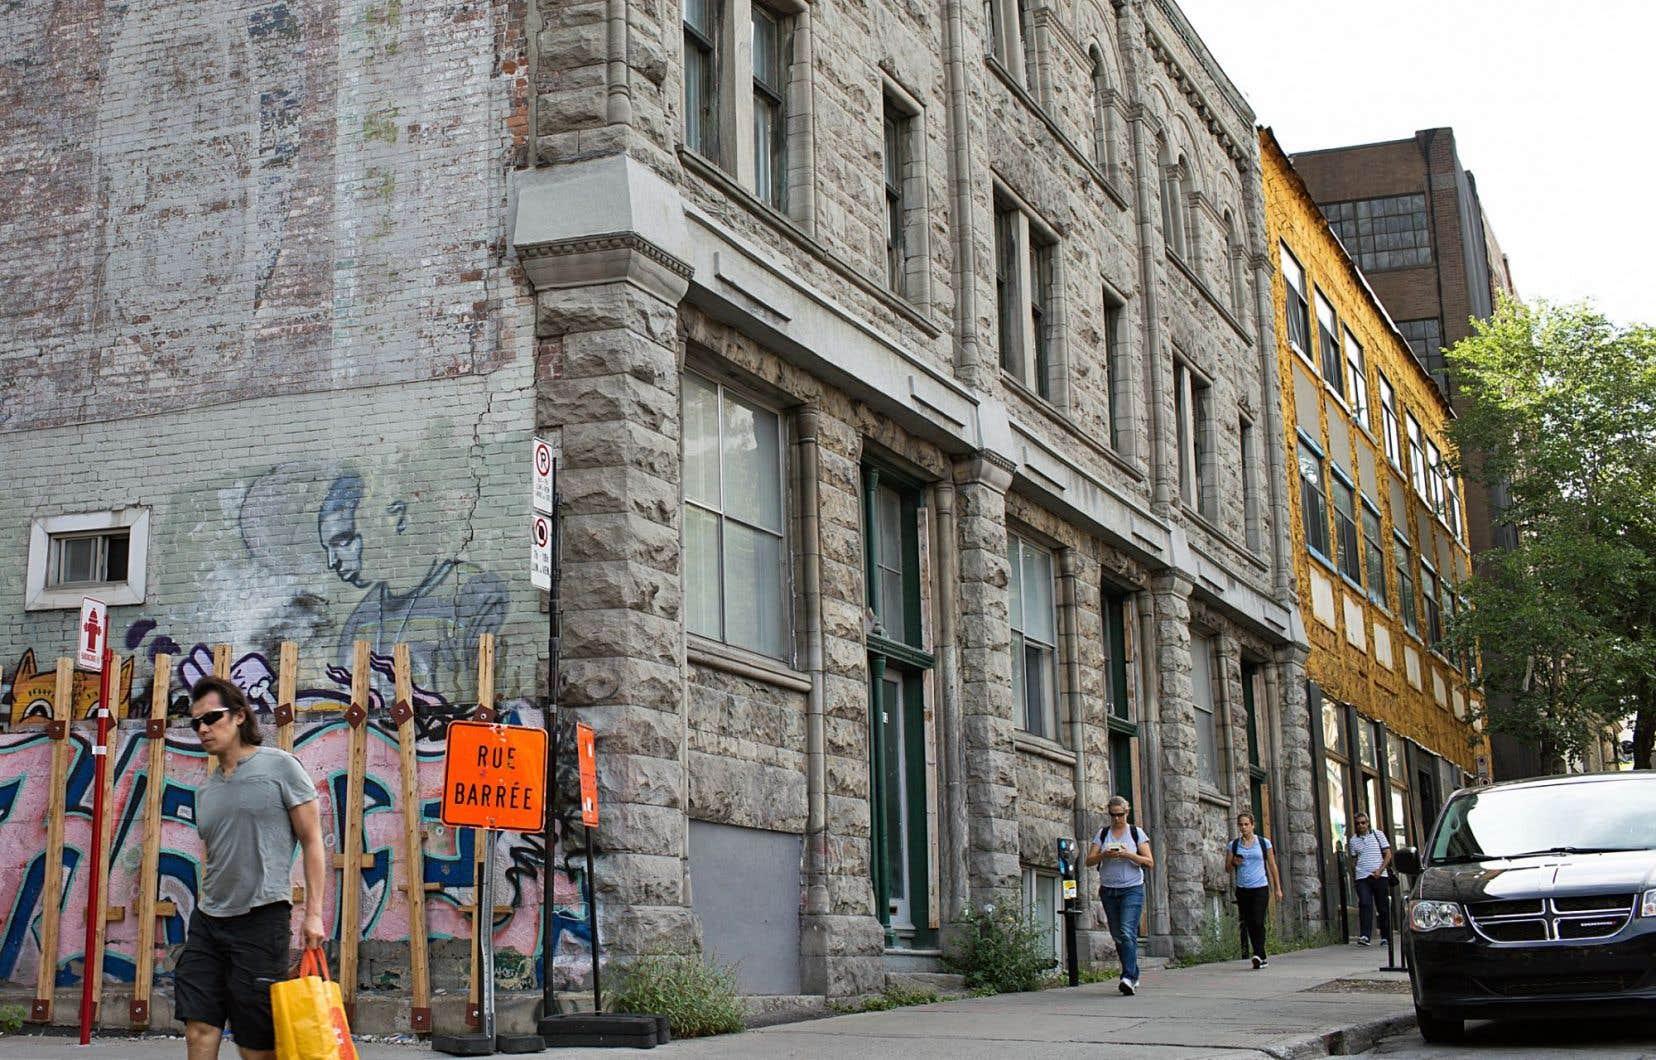 Un répertoire des bâtiments d'intérêt patrimonial servira à établir un portrait plus précis des bâtiments vacants et à risque.